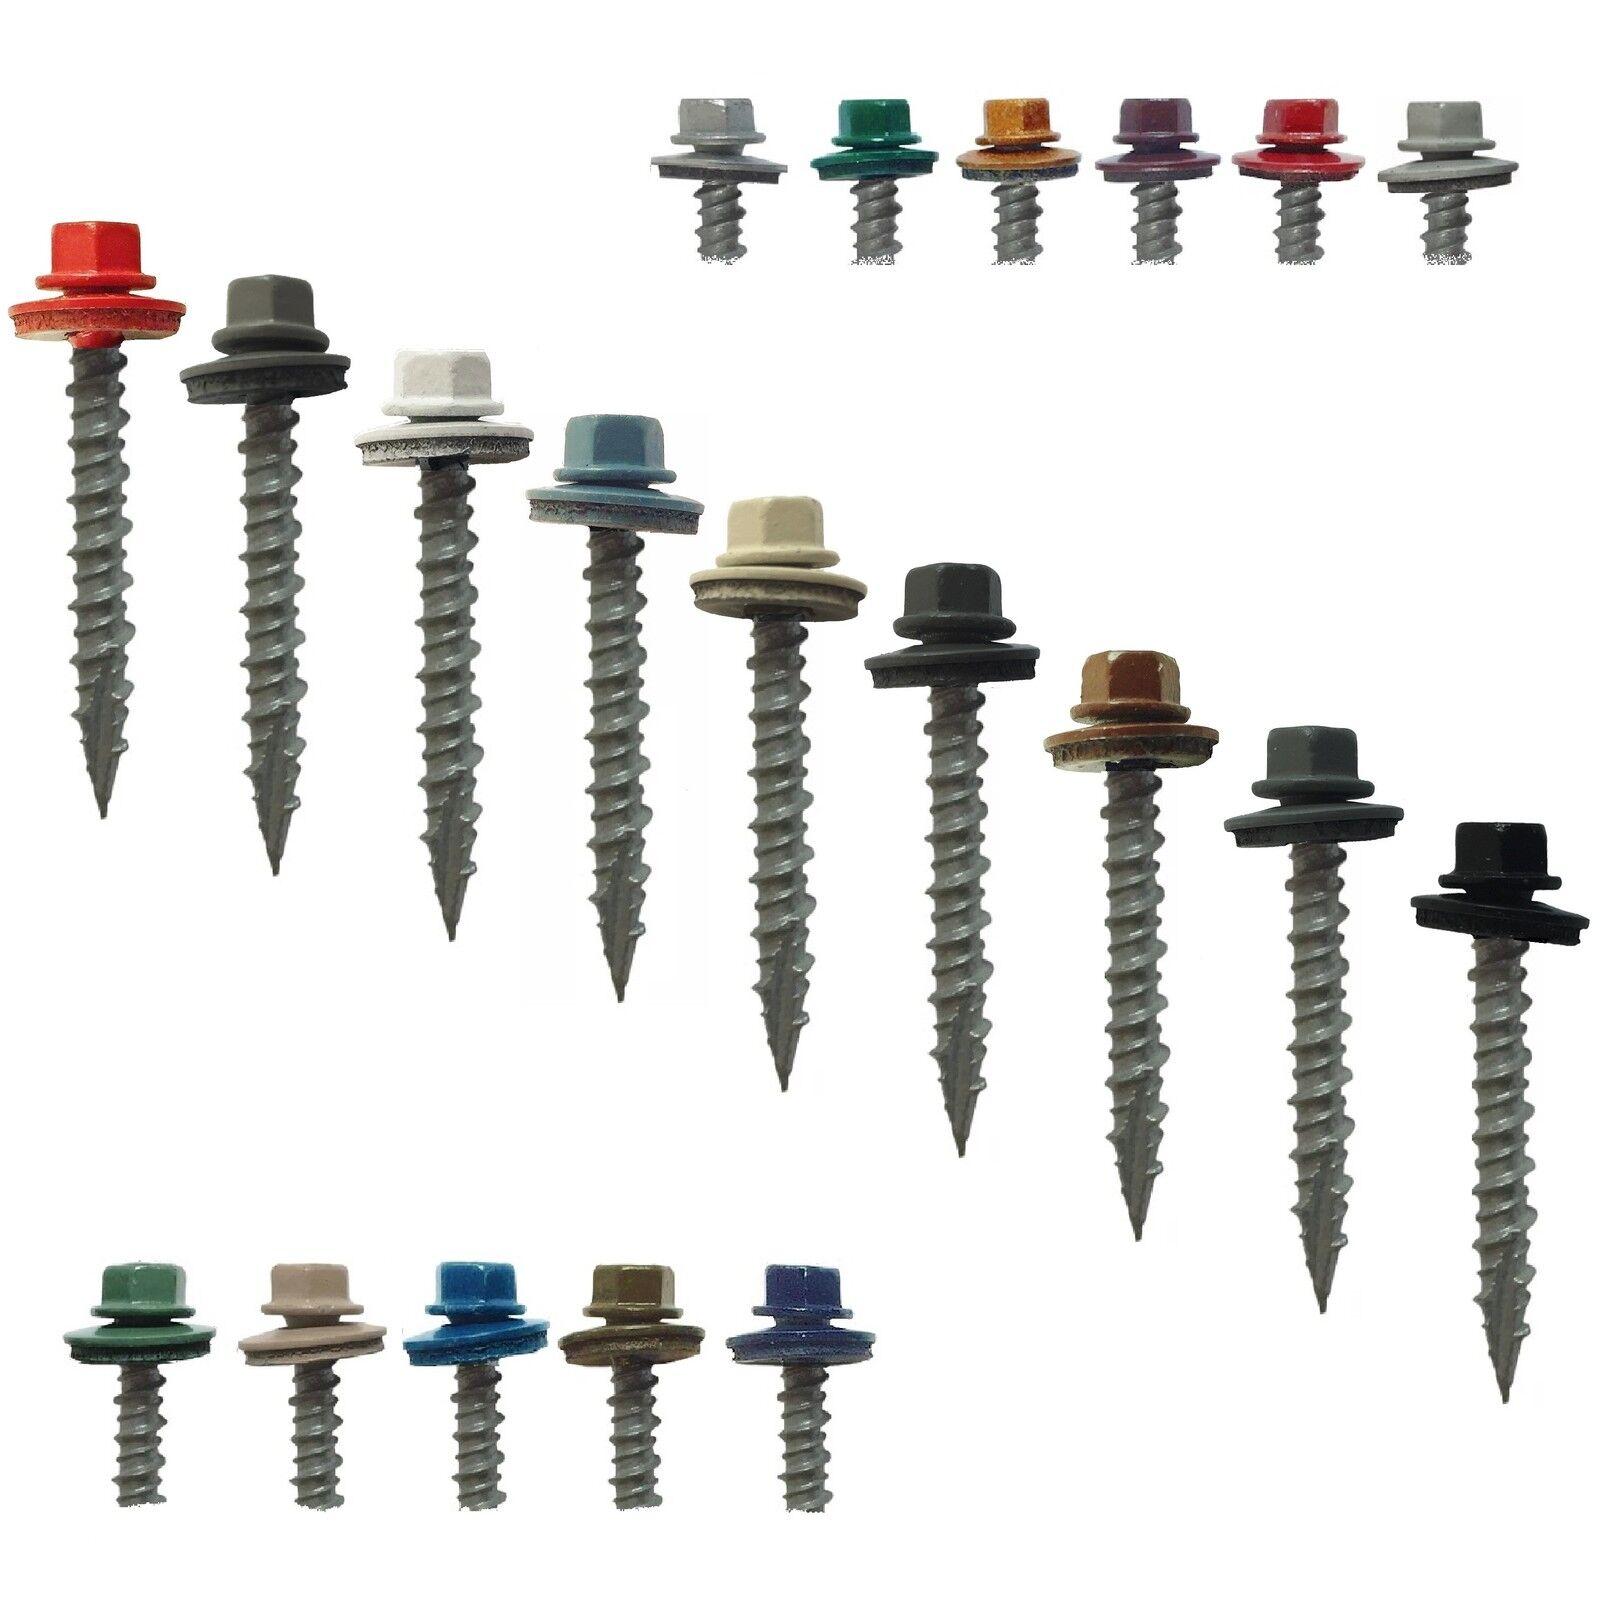 METAL ROOFING SCREWS Bulk  1-1 2  (1000) ColGoldt Metal Siding and Roofing Screws